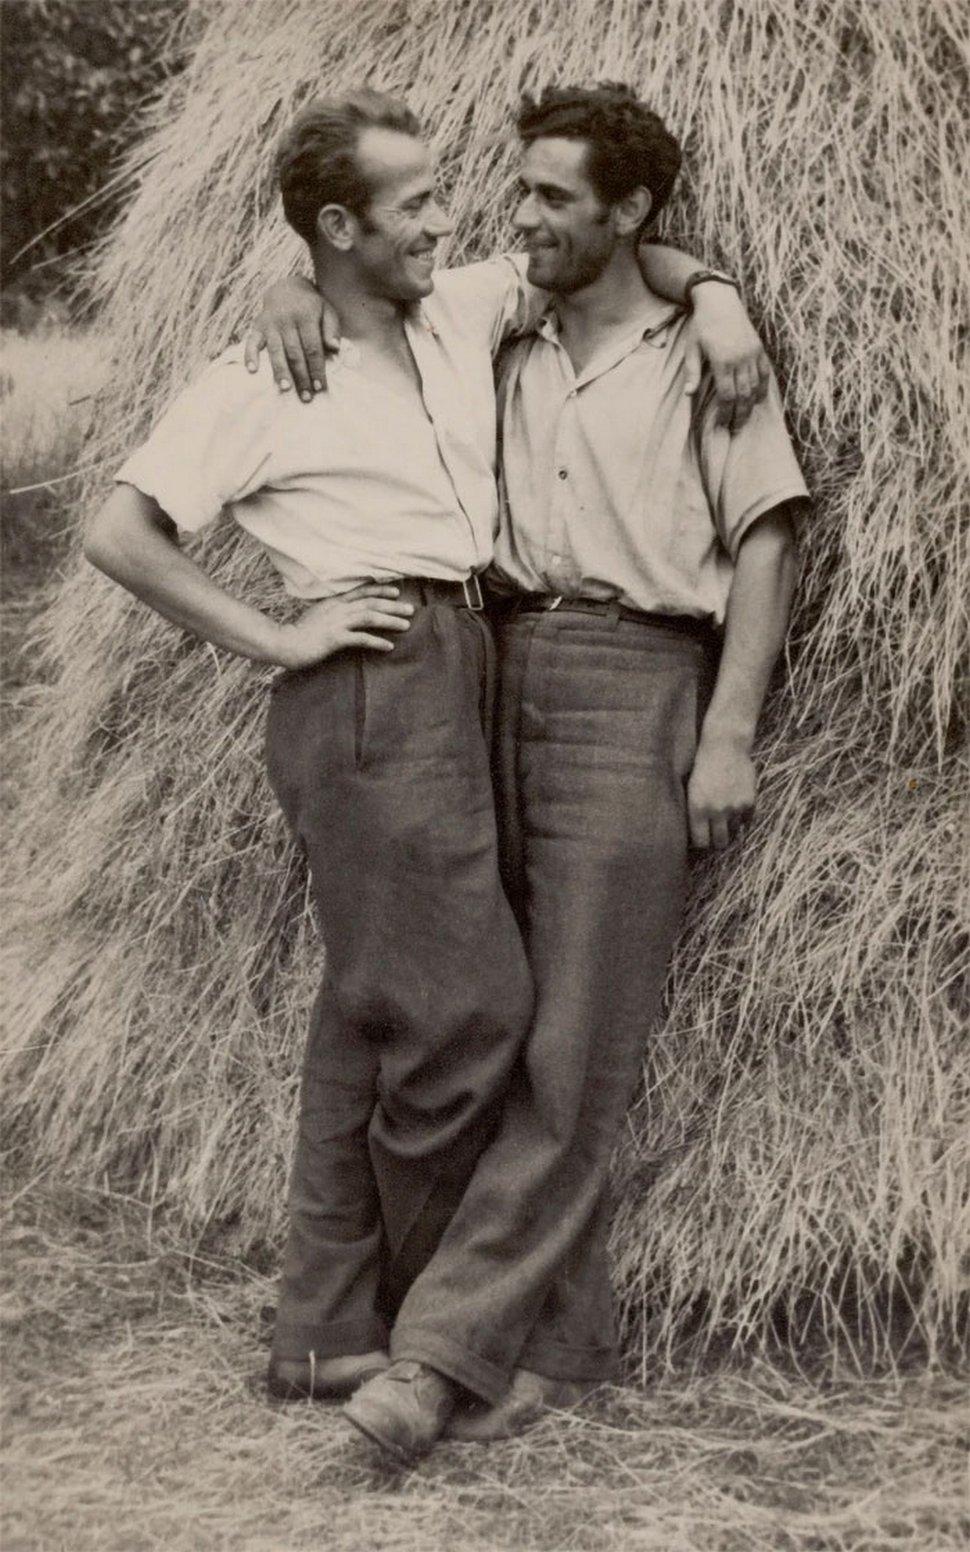 Ces vieilles photos de couples d'hommes montrent ce que les livres d'histoire semblent parfois «oublier»